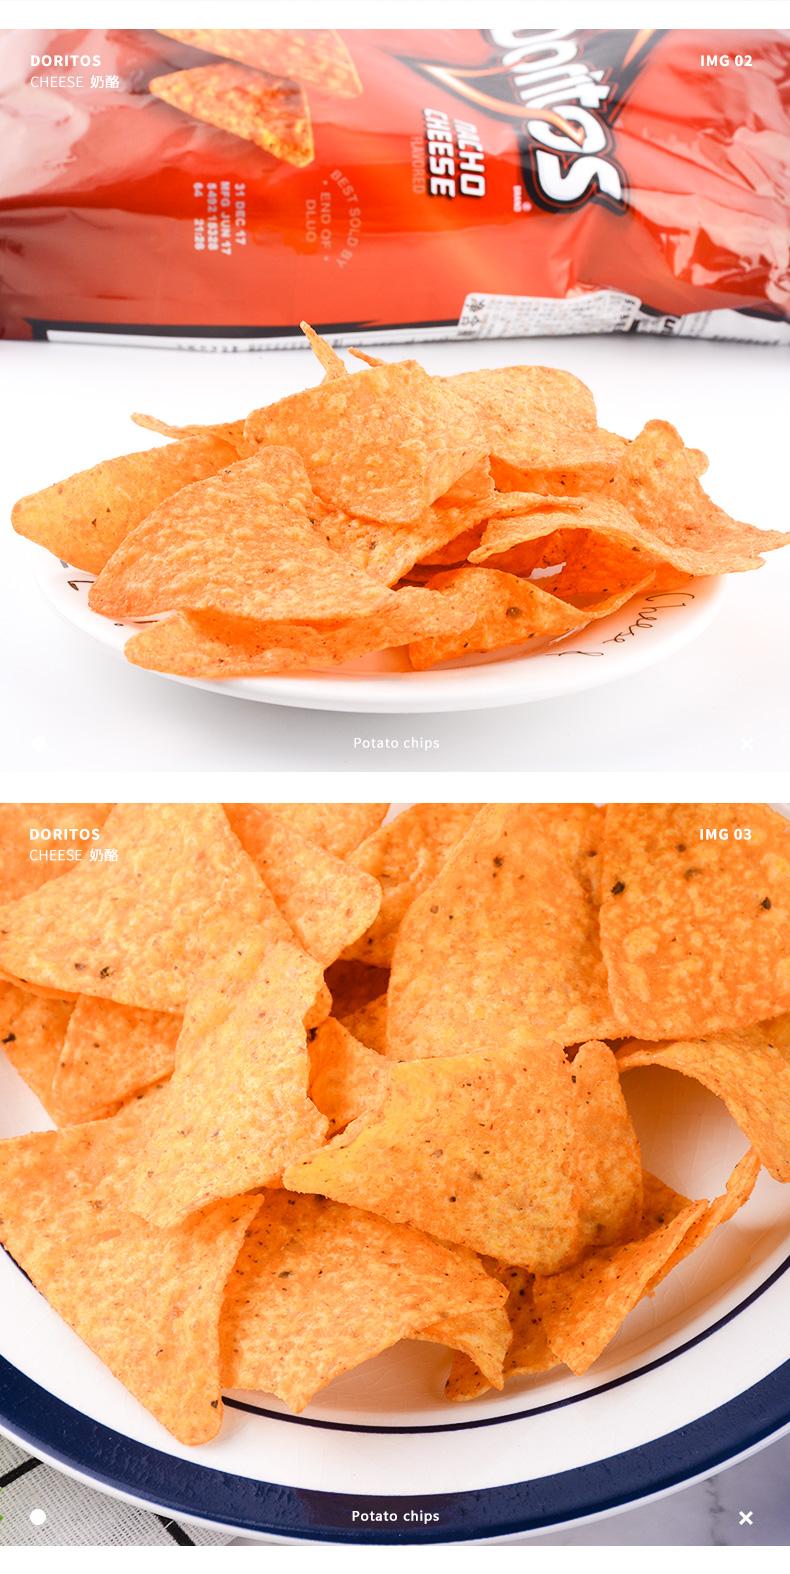 美国进口 多力多滋 Doritos 奶酪味玉米片 198.4g 图5